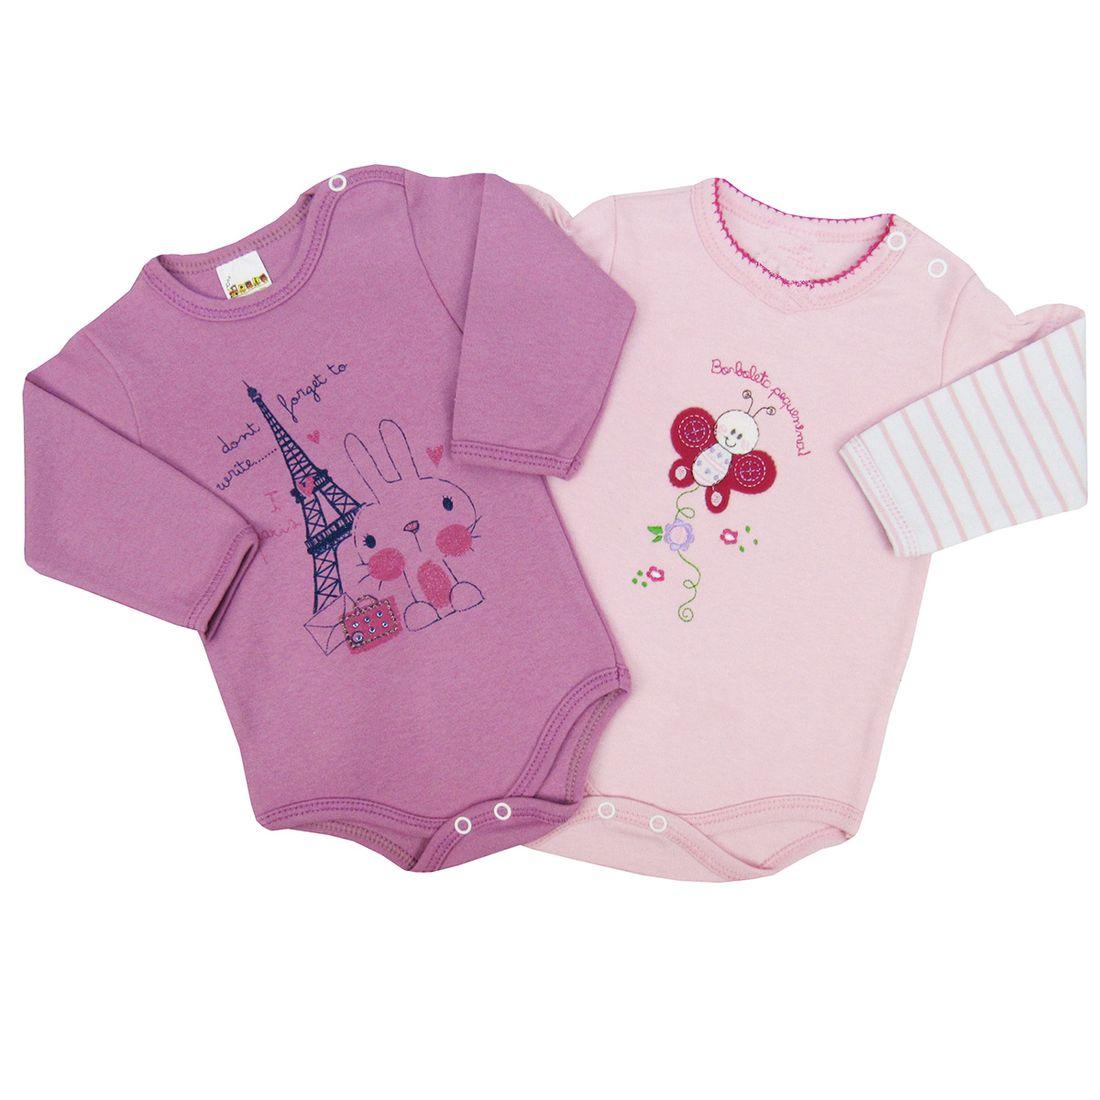 3cbc3c100e93af Body Bebê Feminino Manga Longa Uva e Rosa Kit com 2 Unidades ...